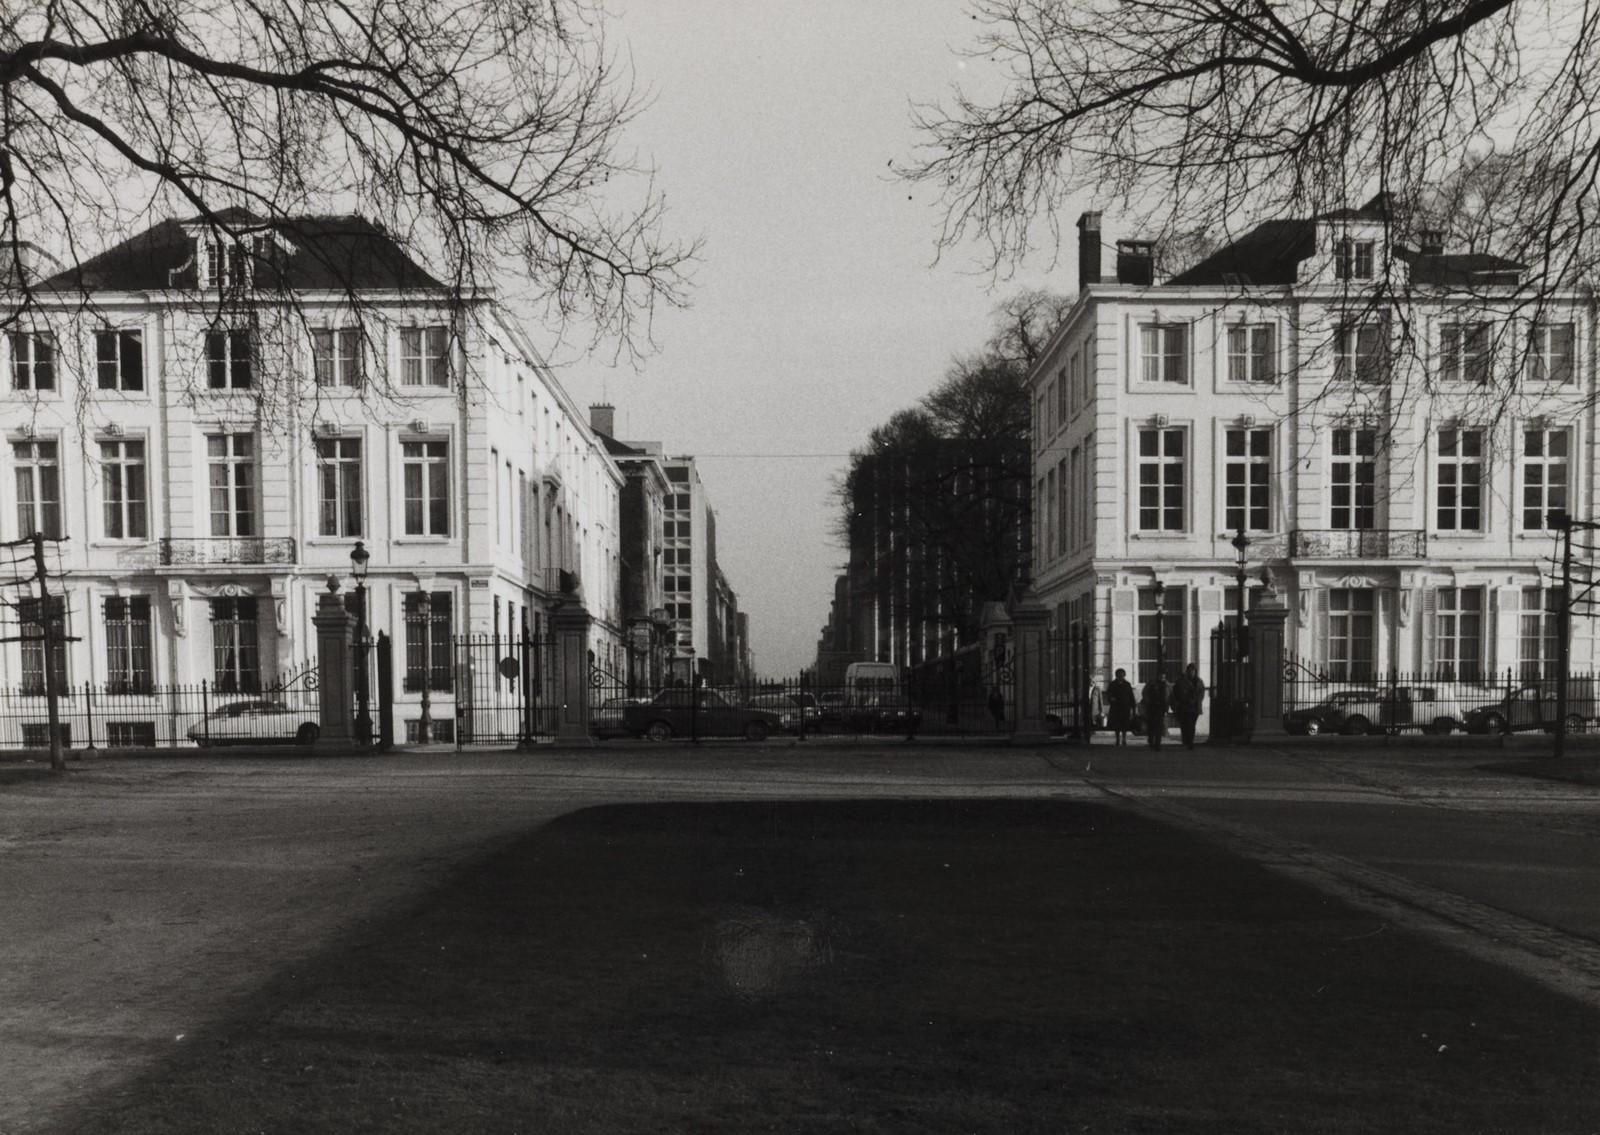 Lambermontstraat 2-4, 1, hoek Hertogsstraat. Ambtswoning van de Eerste Minister., 1981